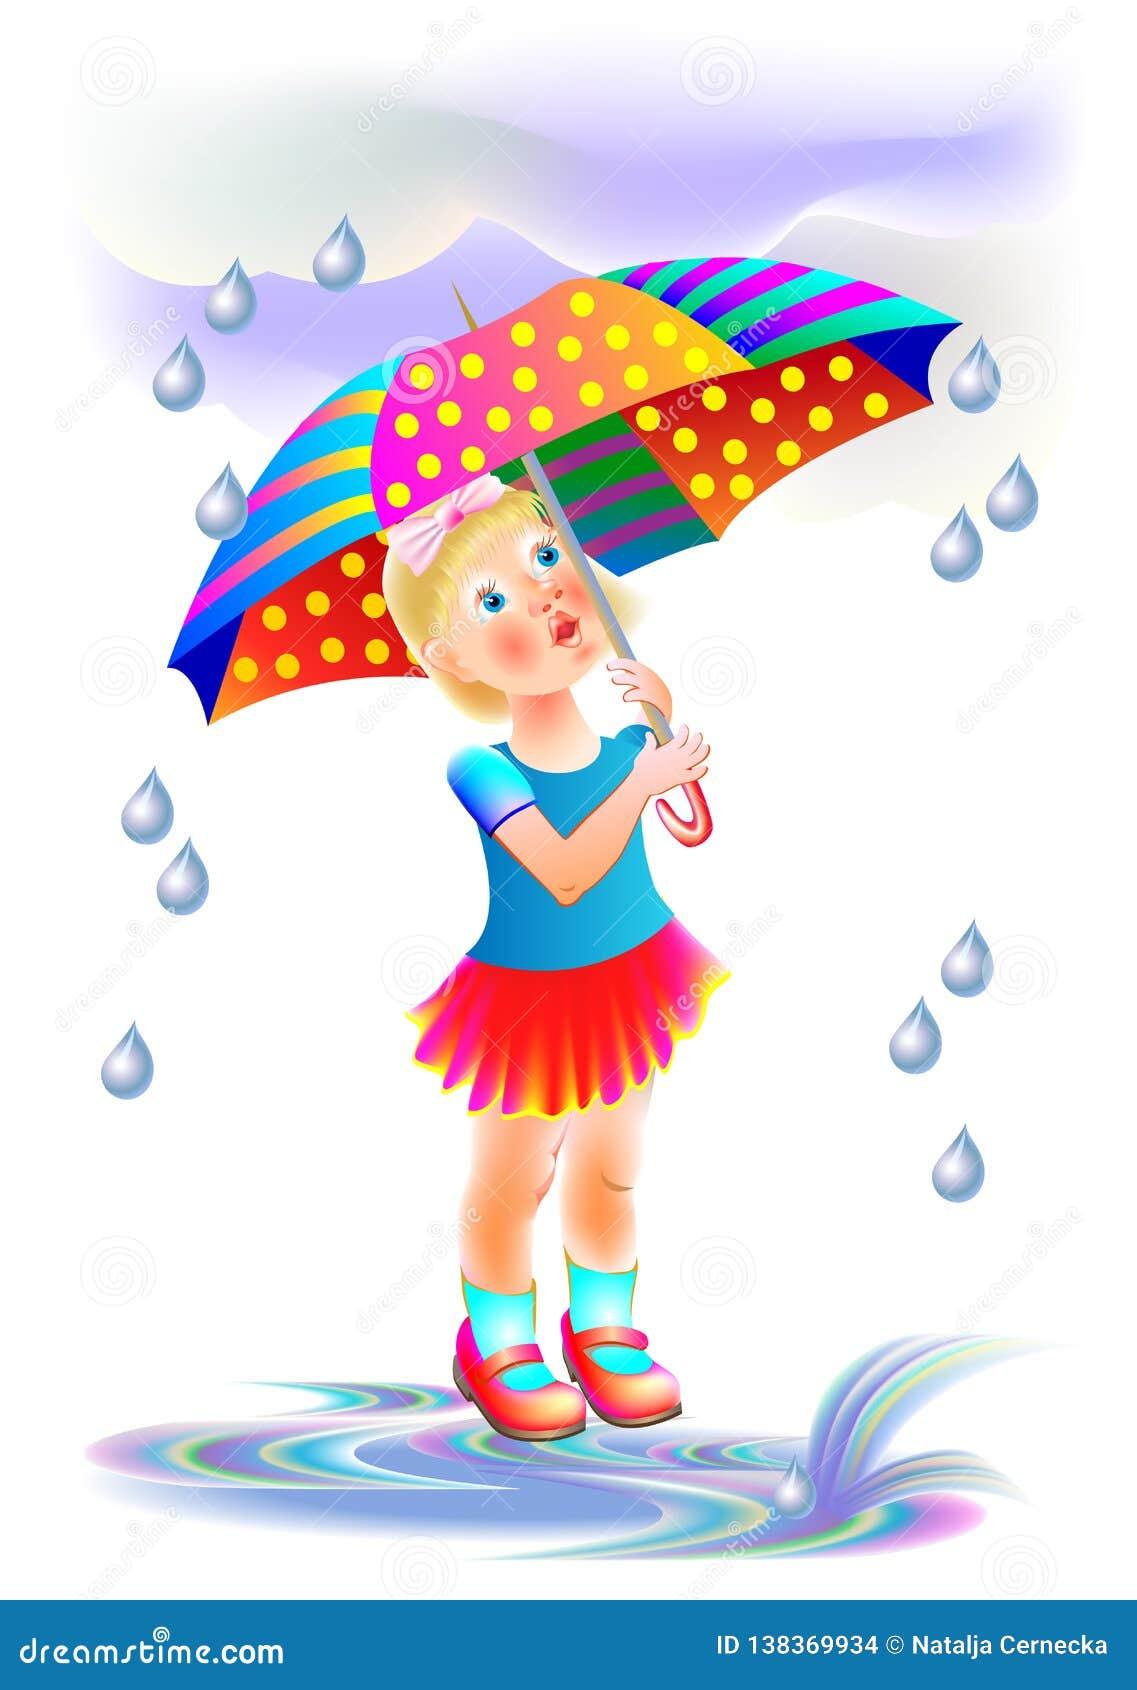 Illustration De La Petite Fille Mignonne Se Cachant De La